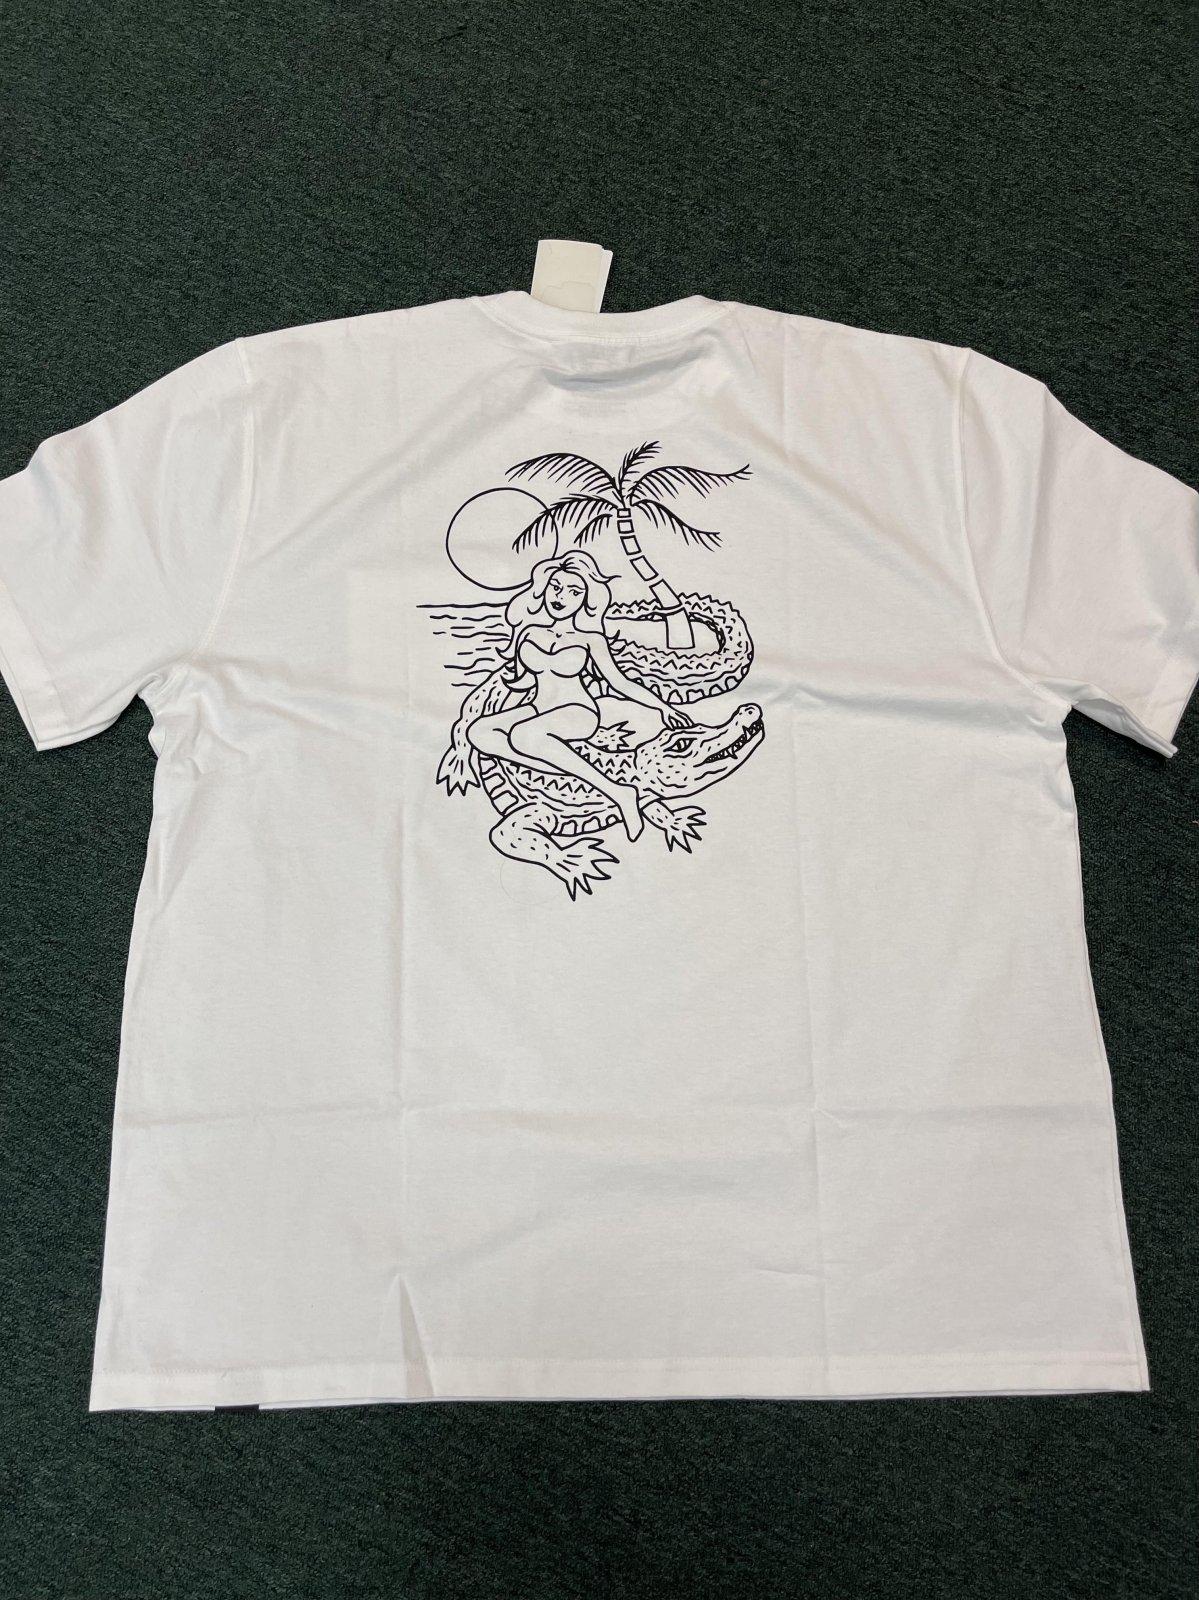 Dickies Jamie Foy Graphic T-Shirt - White